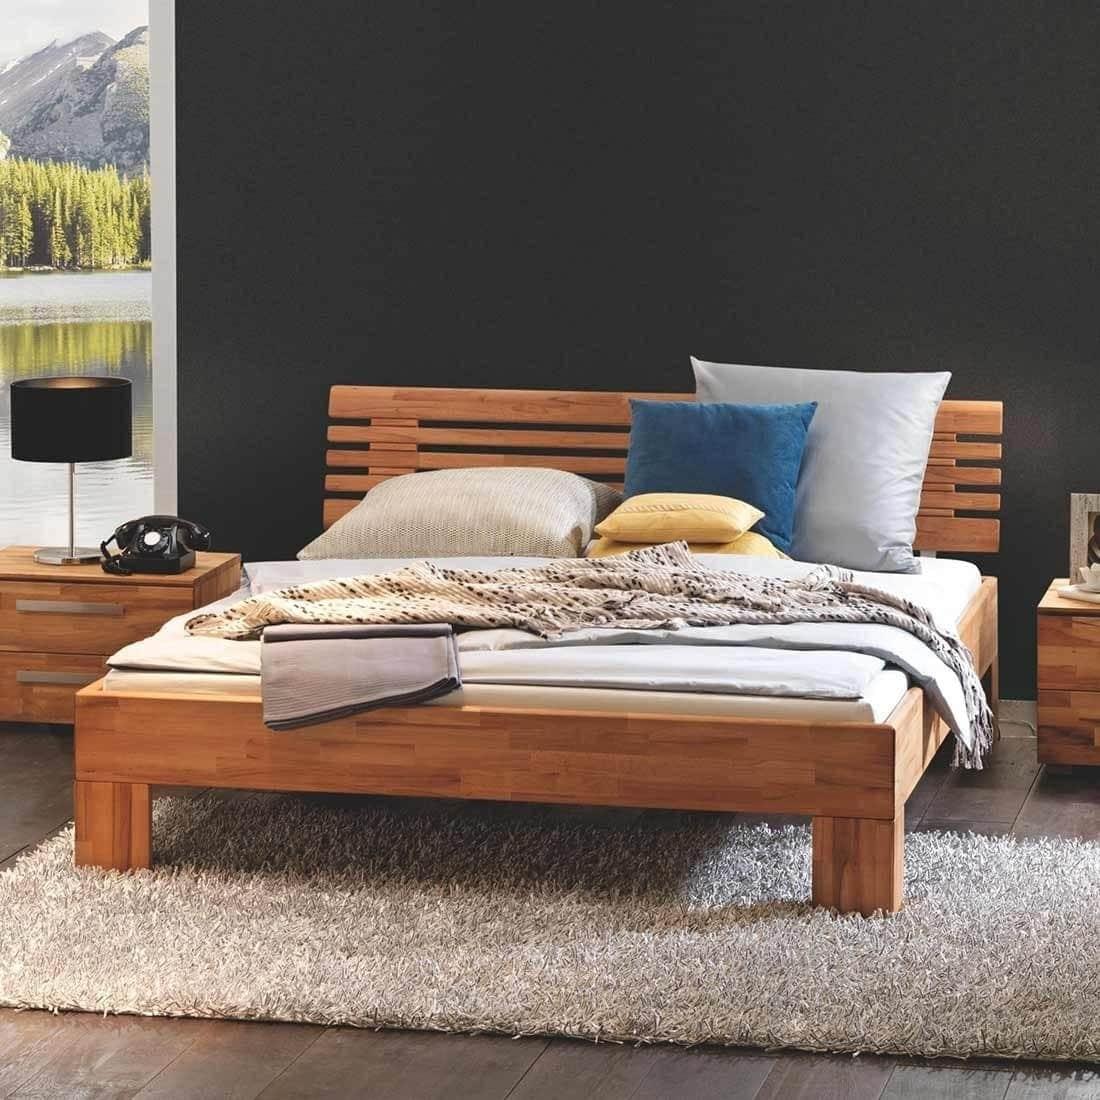 Full Size of Hasena Wood Line Massivholzbett 140x200cm Piolode Badewanne Bette Bett 1 40 Ausklappbar 140x200 Mit Matratze Und Lattenrost Luxus Betten Für übergewichtige Bett Kopfteil Bett 140